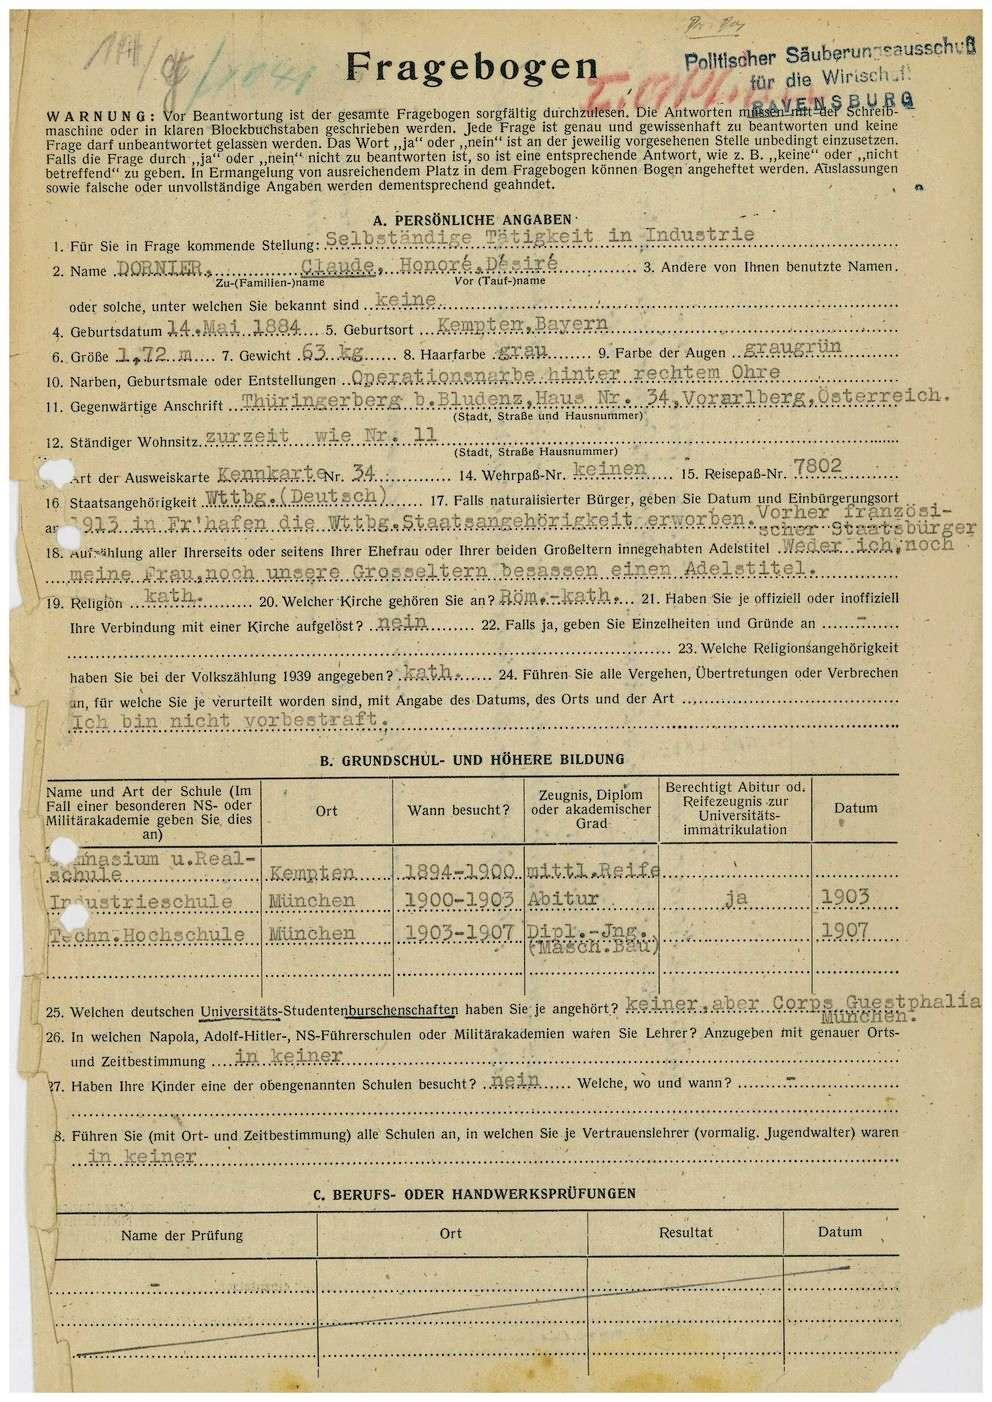 Dornier, Claude Honoré Desiré, Dr., Bild 1